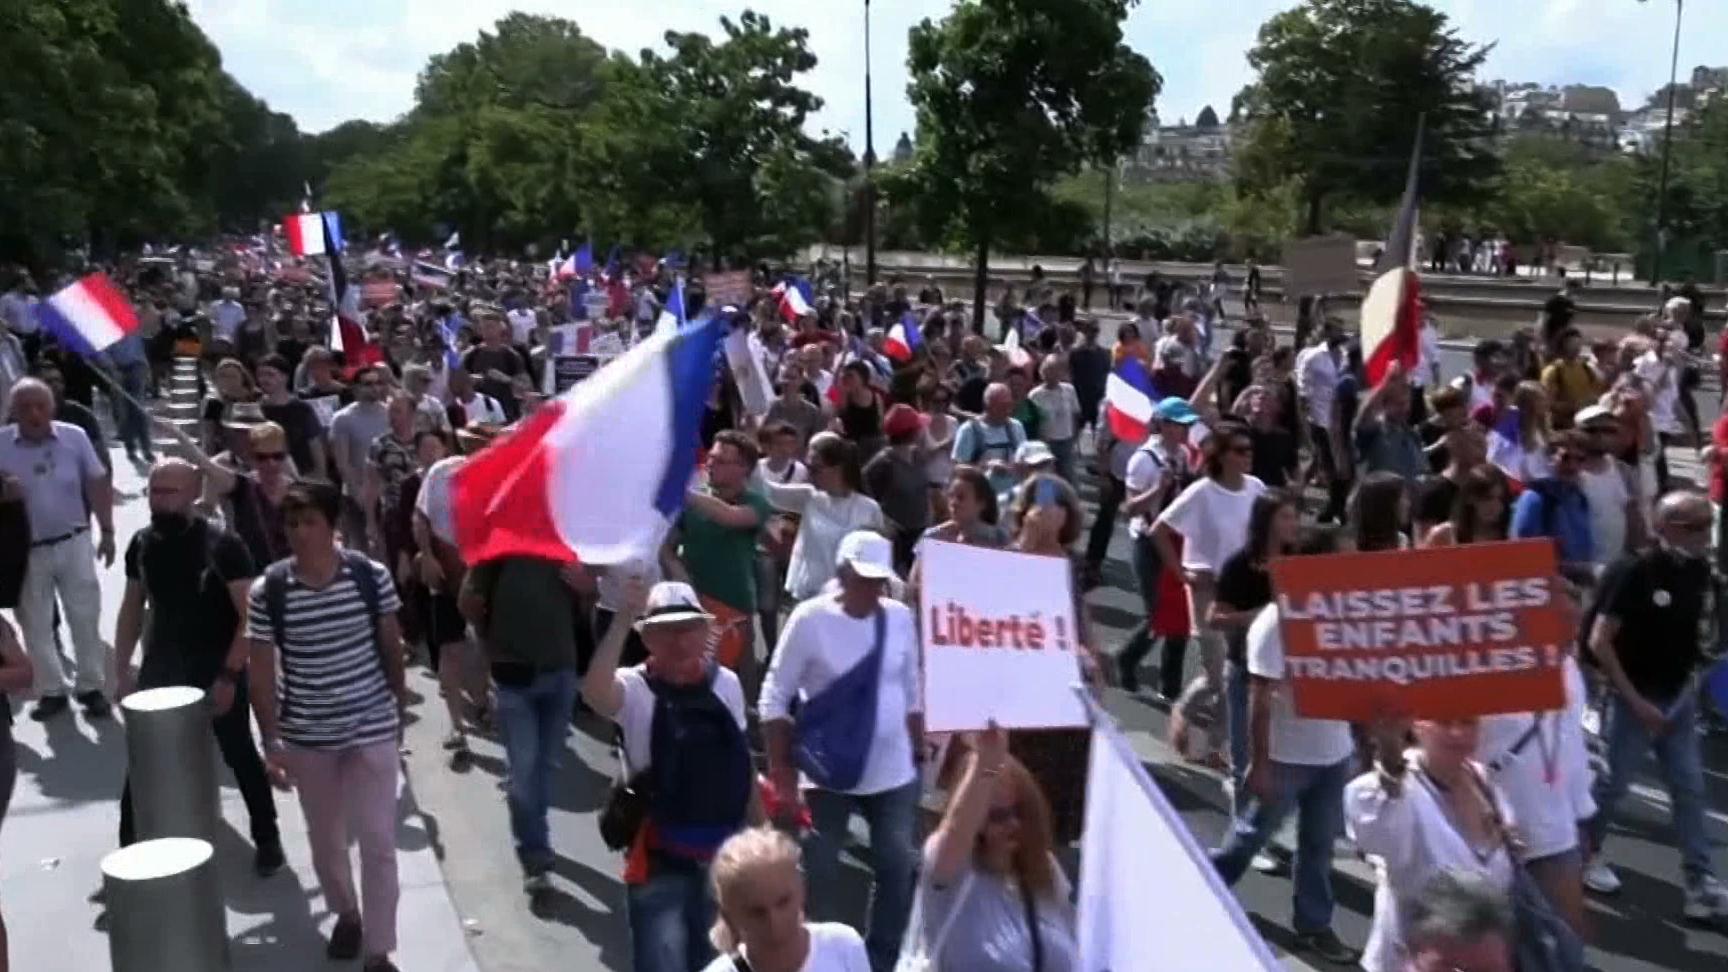 Obostrzenia tylko dla niezaszczepionych? Francuzi protestują przeciwko takiemu rozwiązaniu